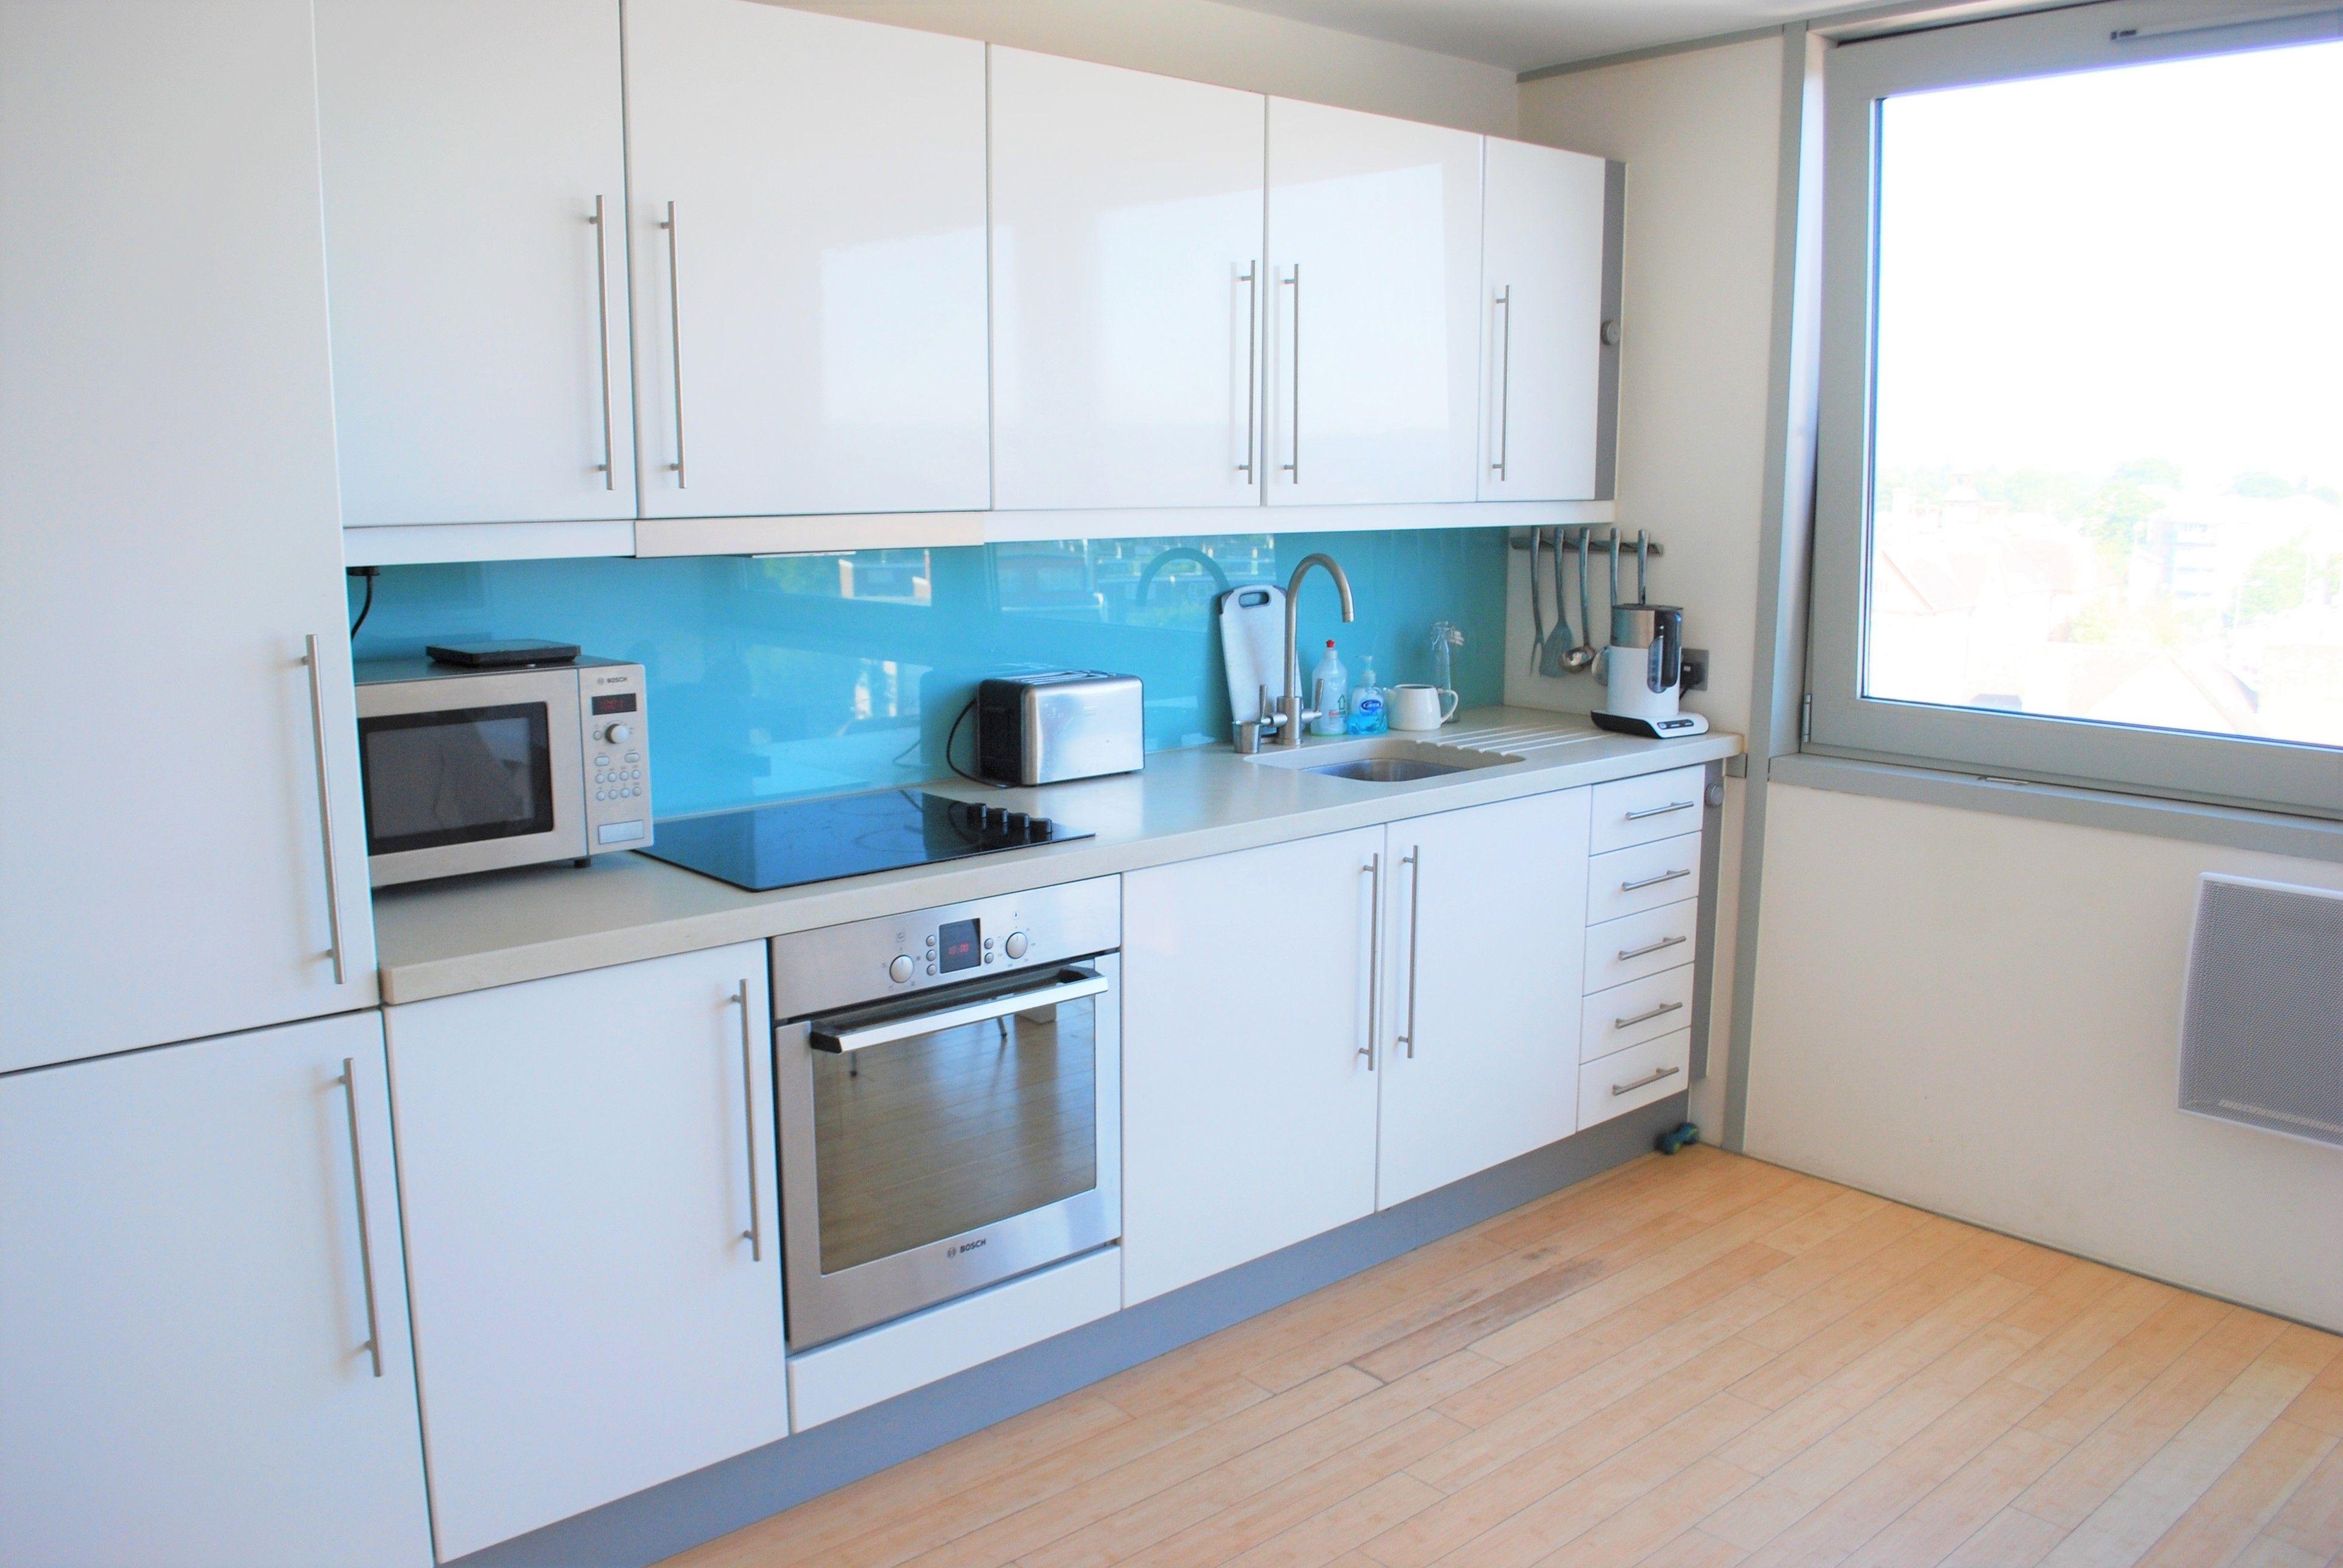 One Bedroom For Rent In Kingston Dekorasi rumah, Rumah